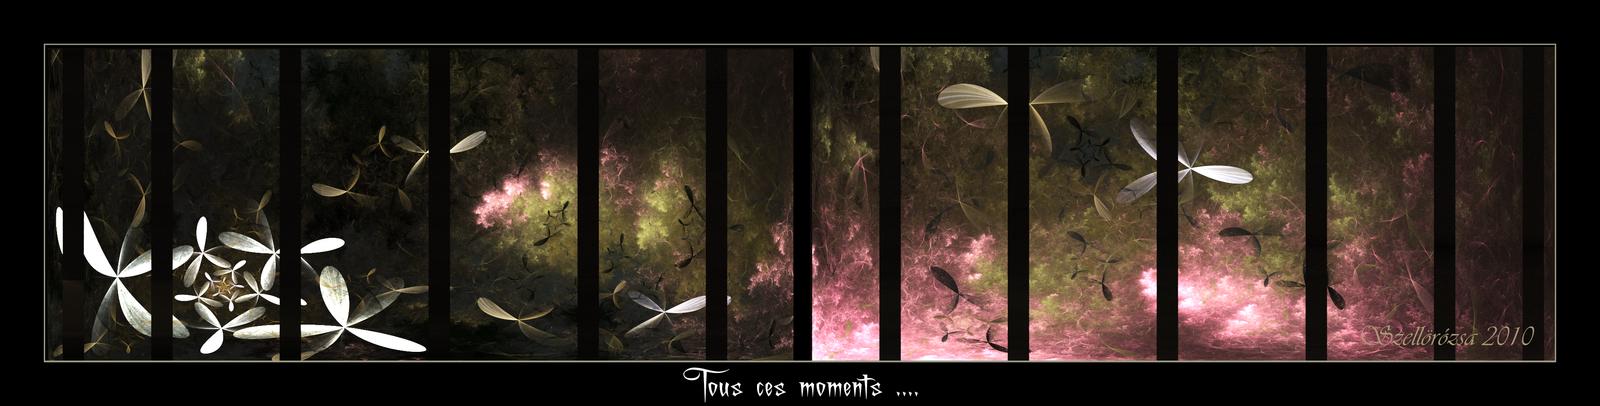 Tous ces moments... by Szellorozsa